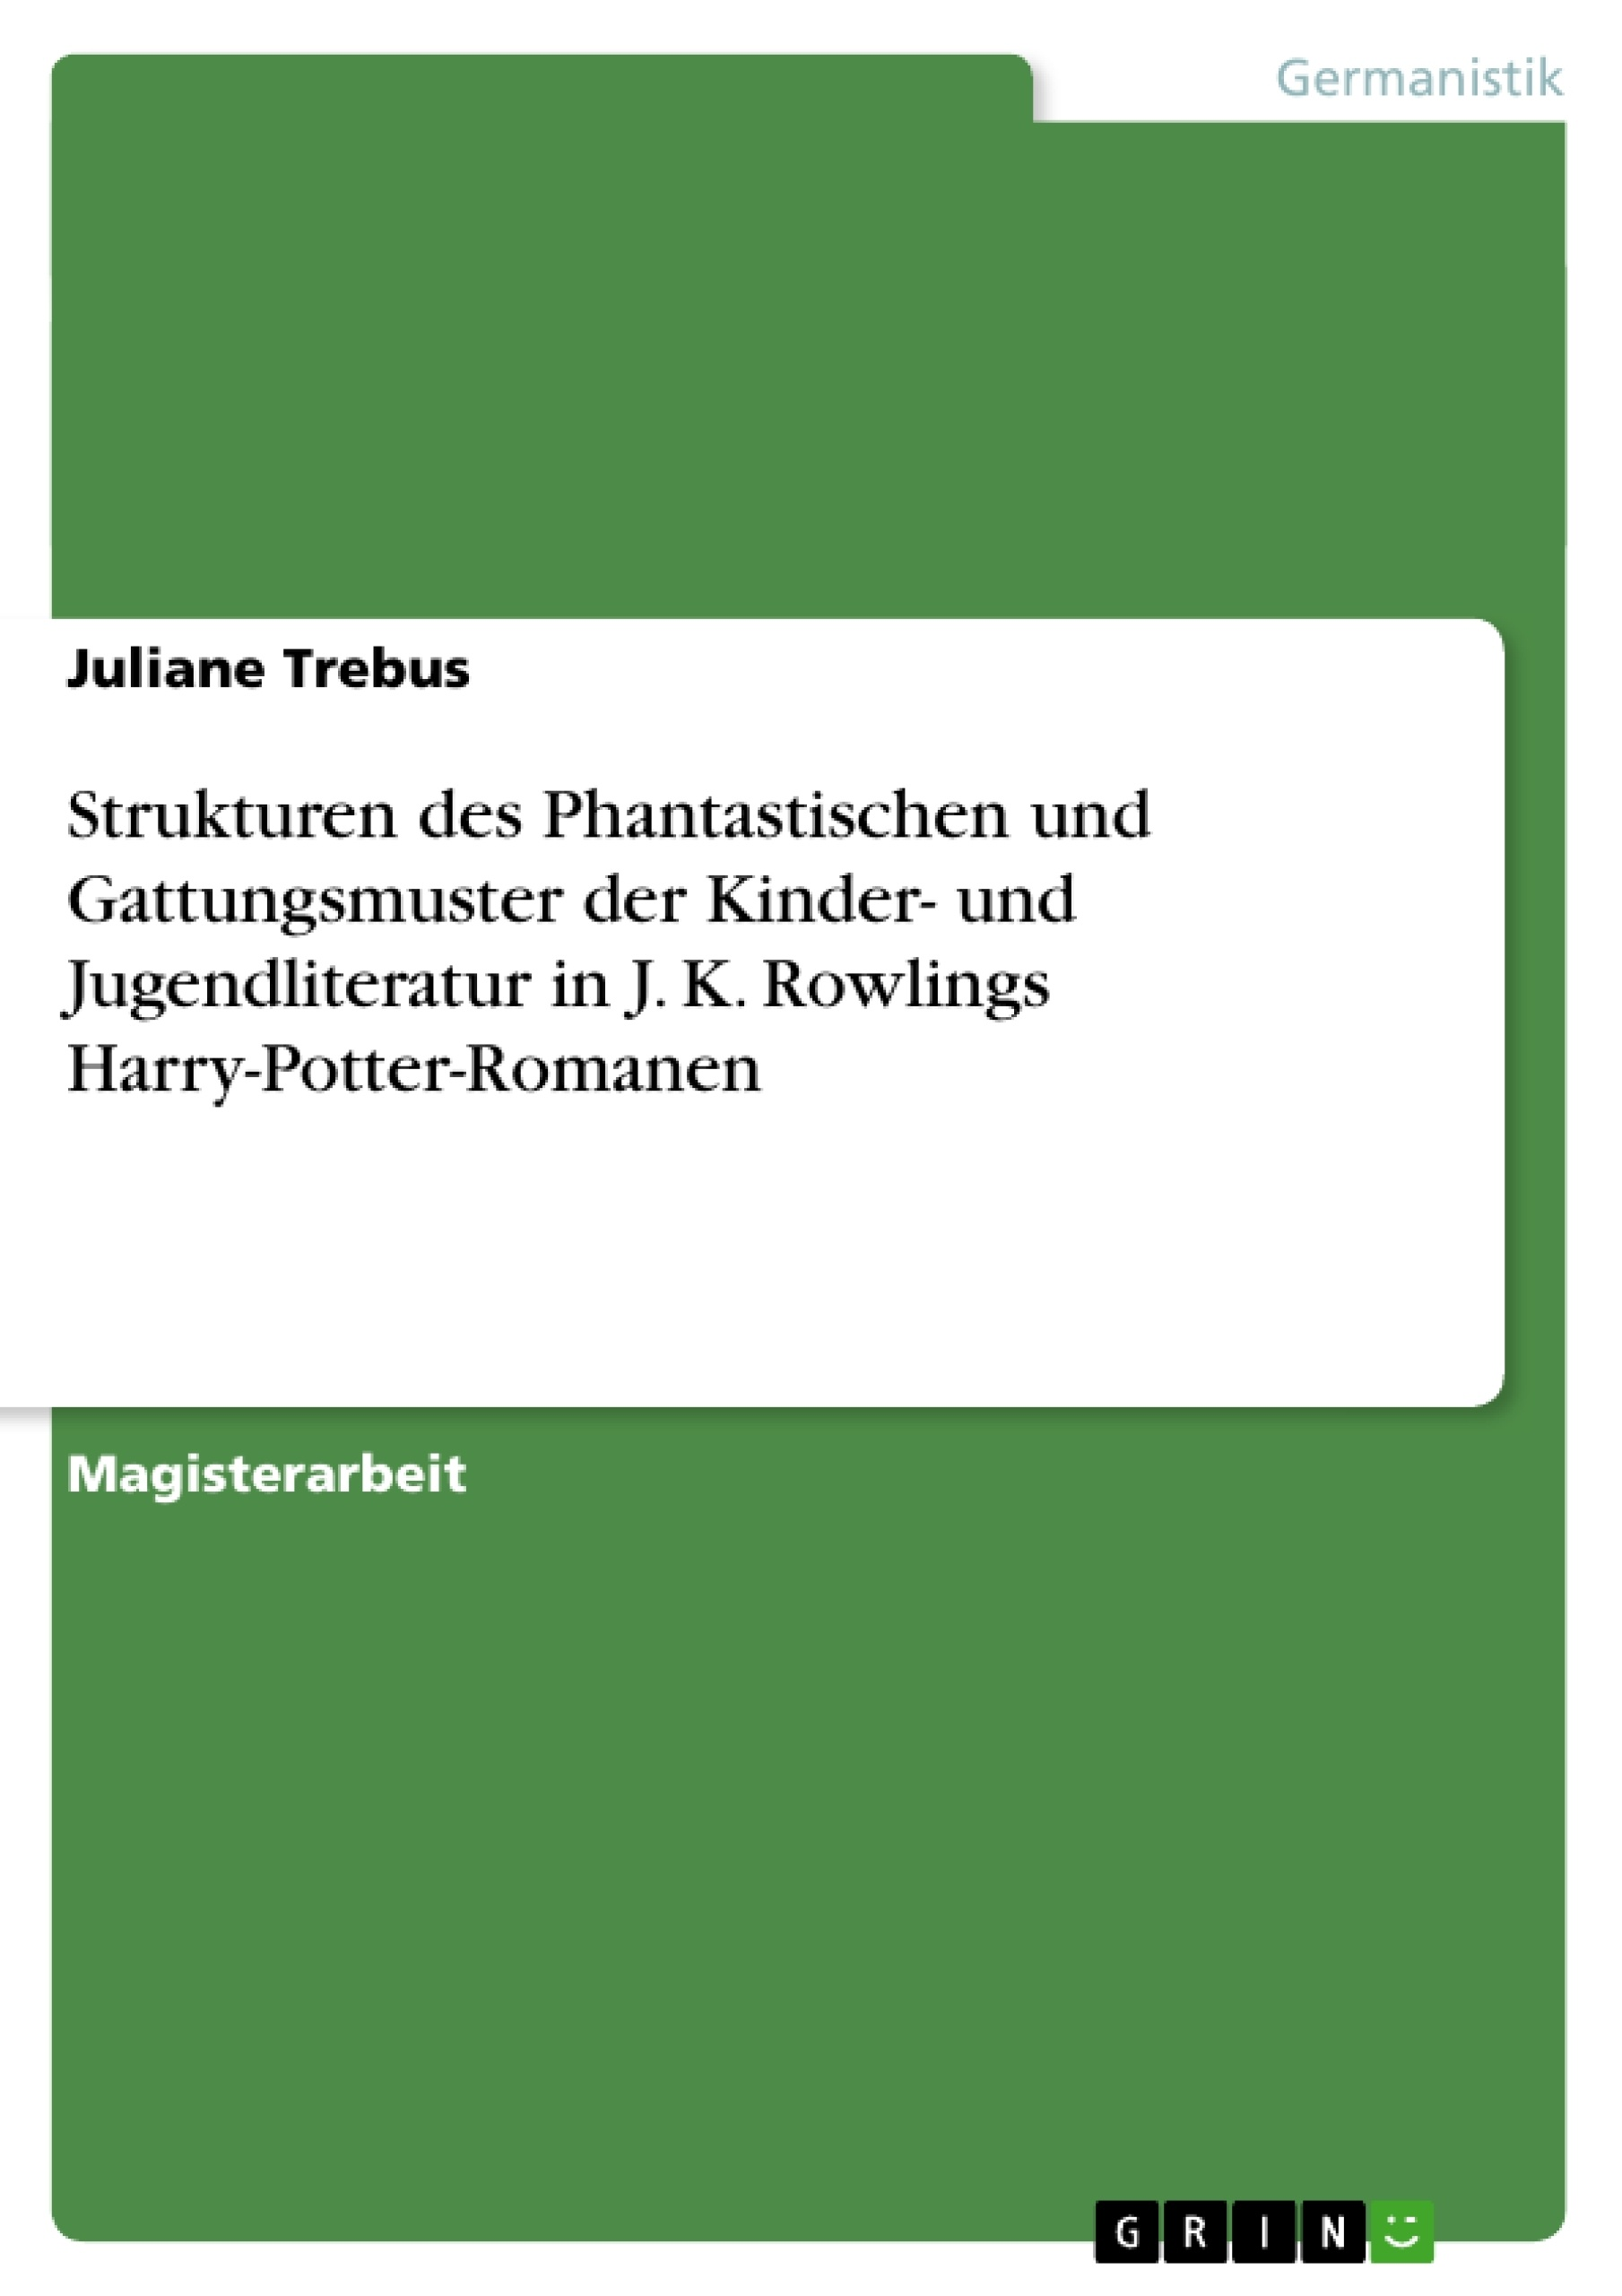 Titel: Strukturen des Phantastischen und Gattungsmuster der Kinder- und Jugendliteratur in J. K. Rowlings Harry-Potter-Romanen